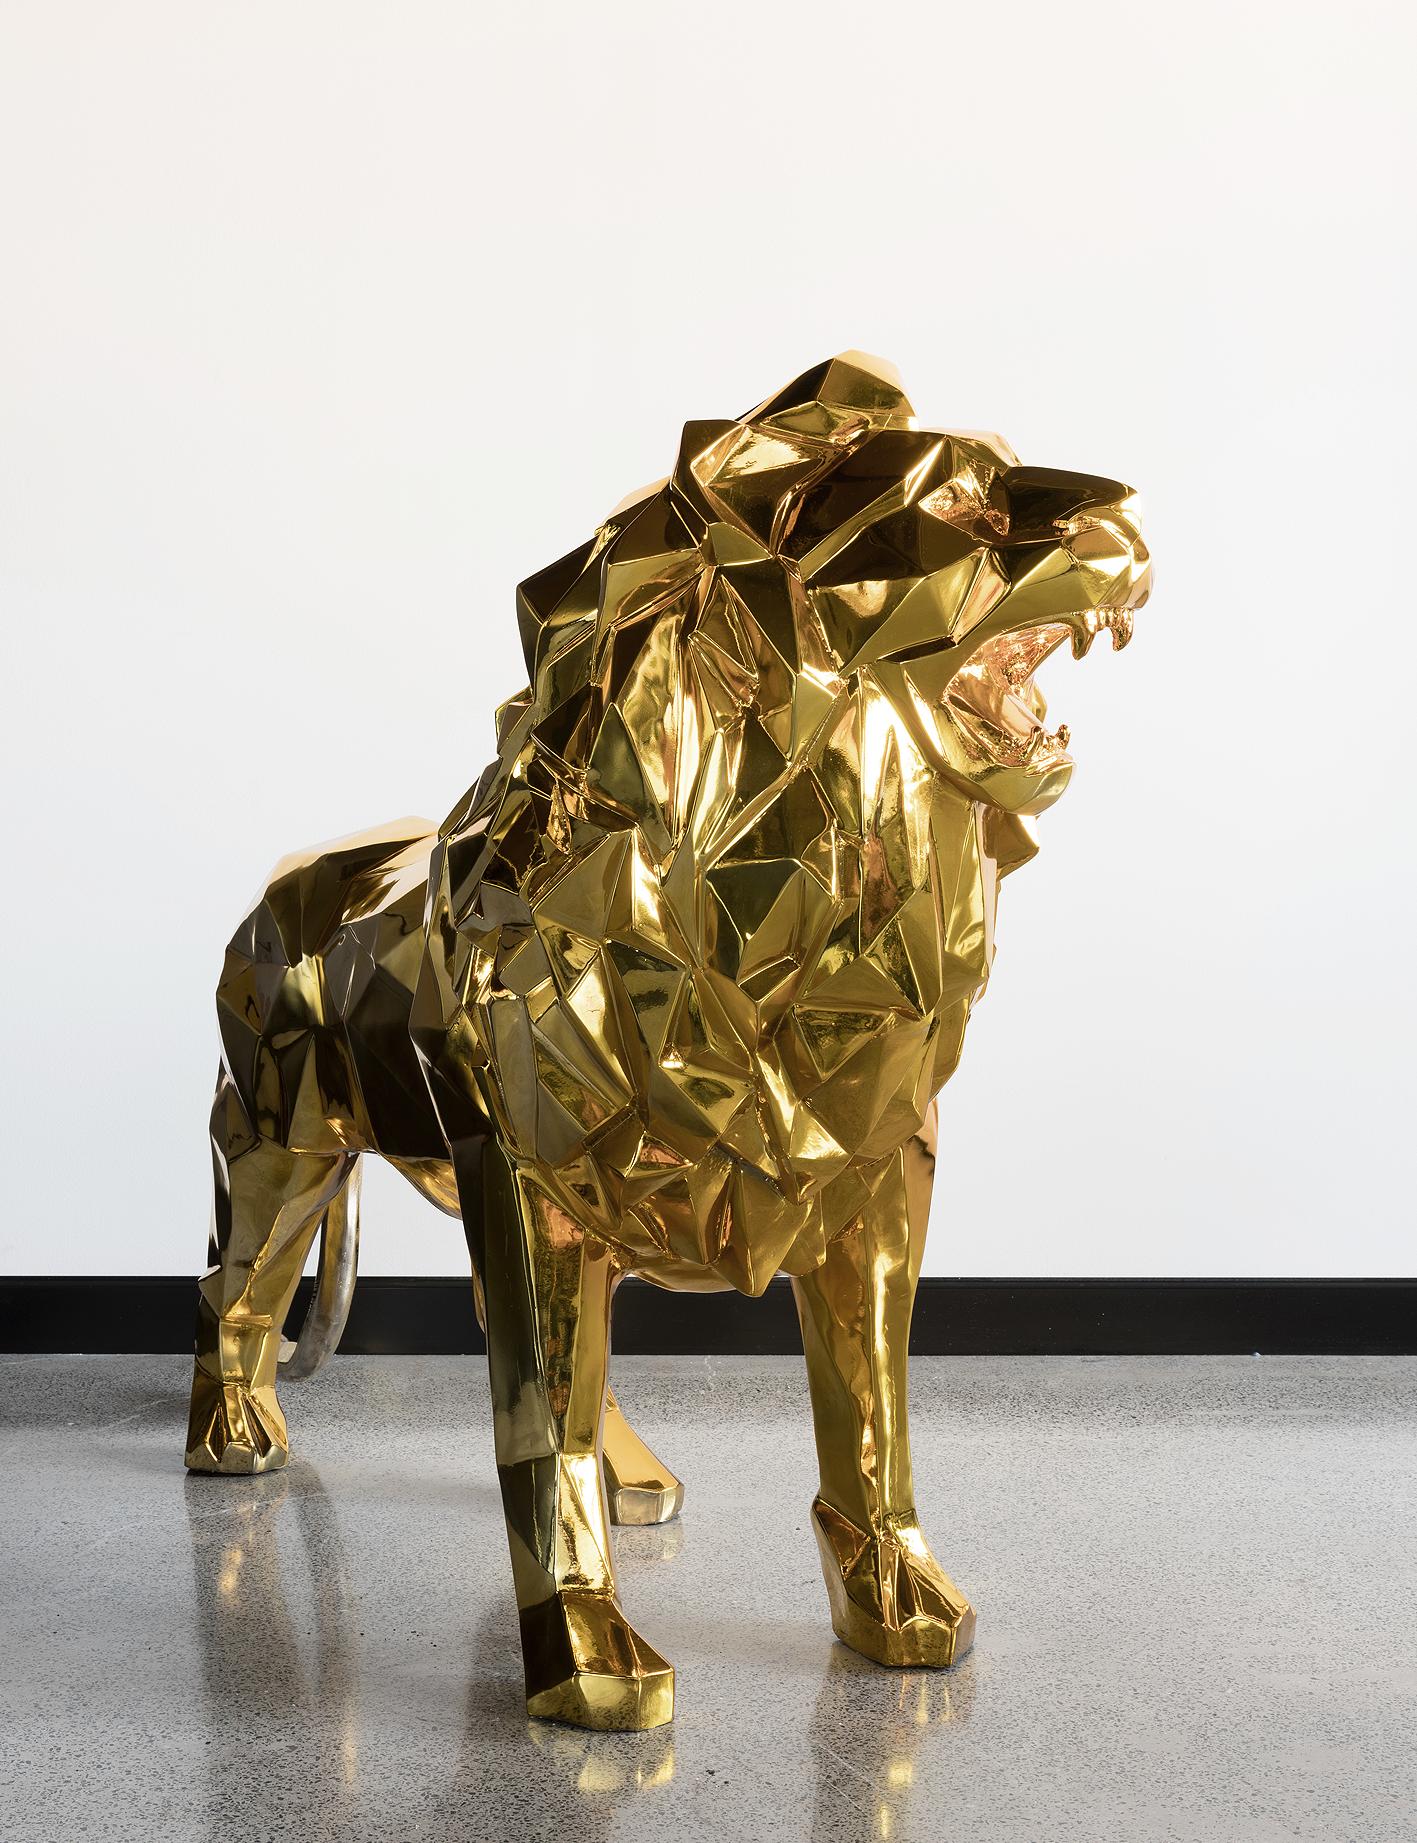 Gold fearless lion – Sculpture